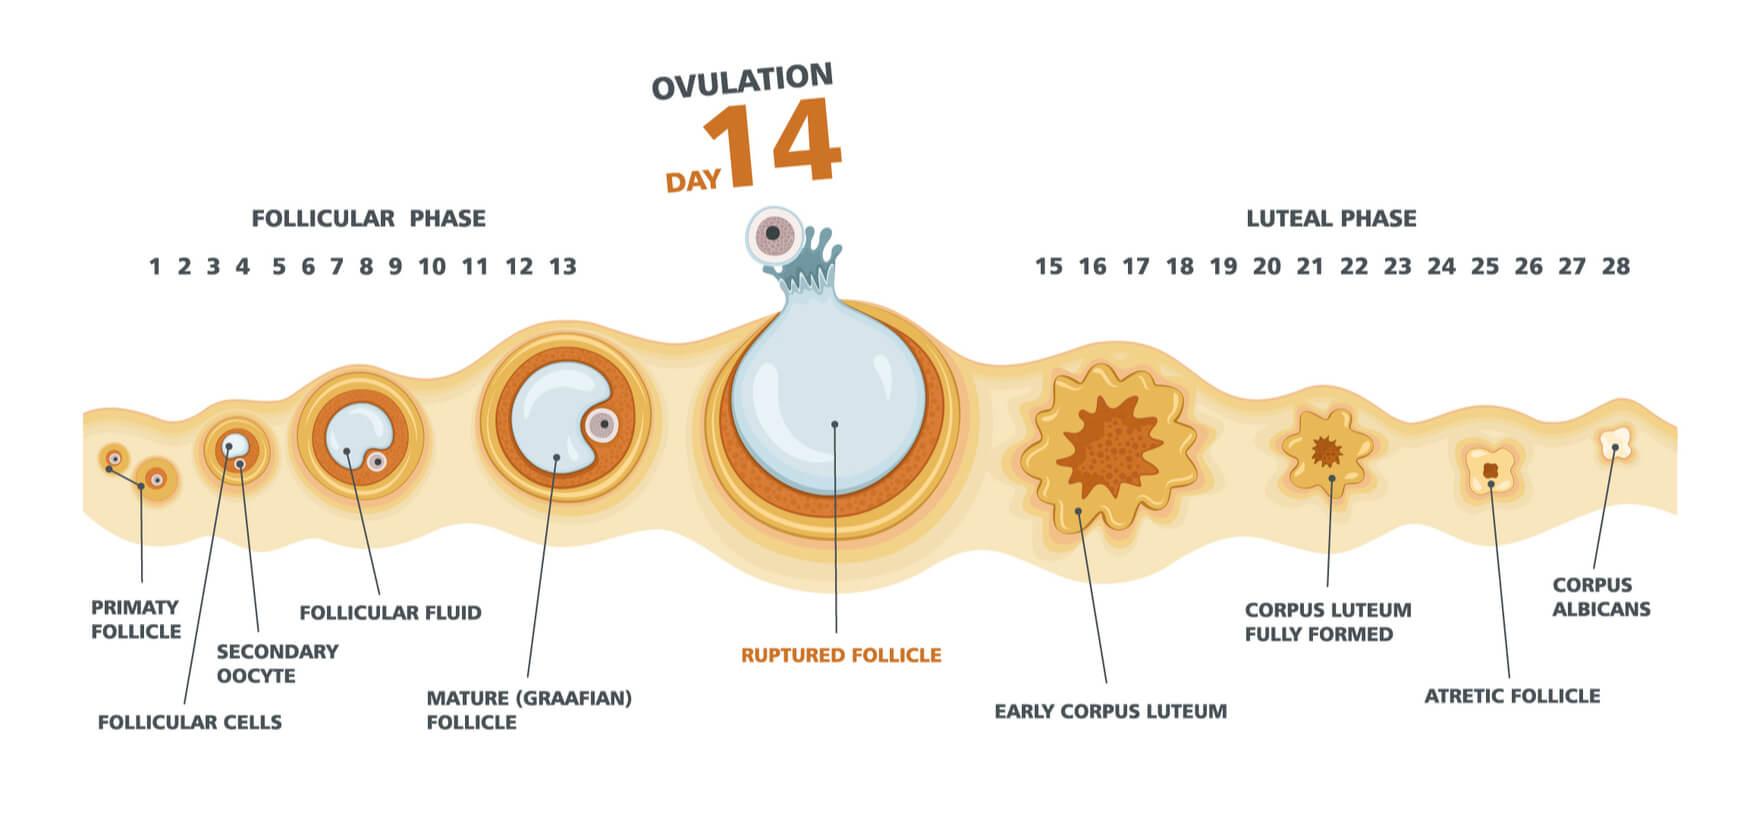 Period kada dolazi do ovulacije